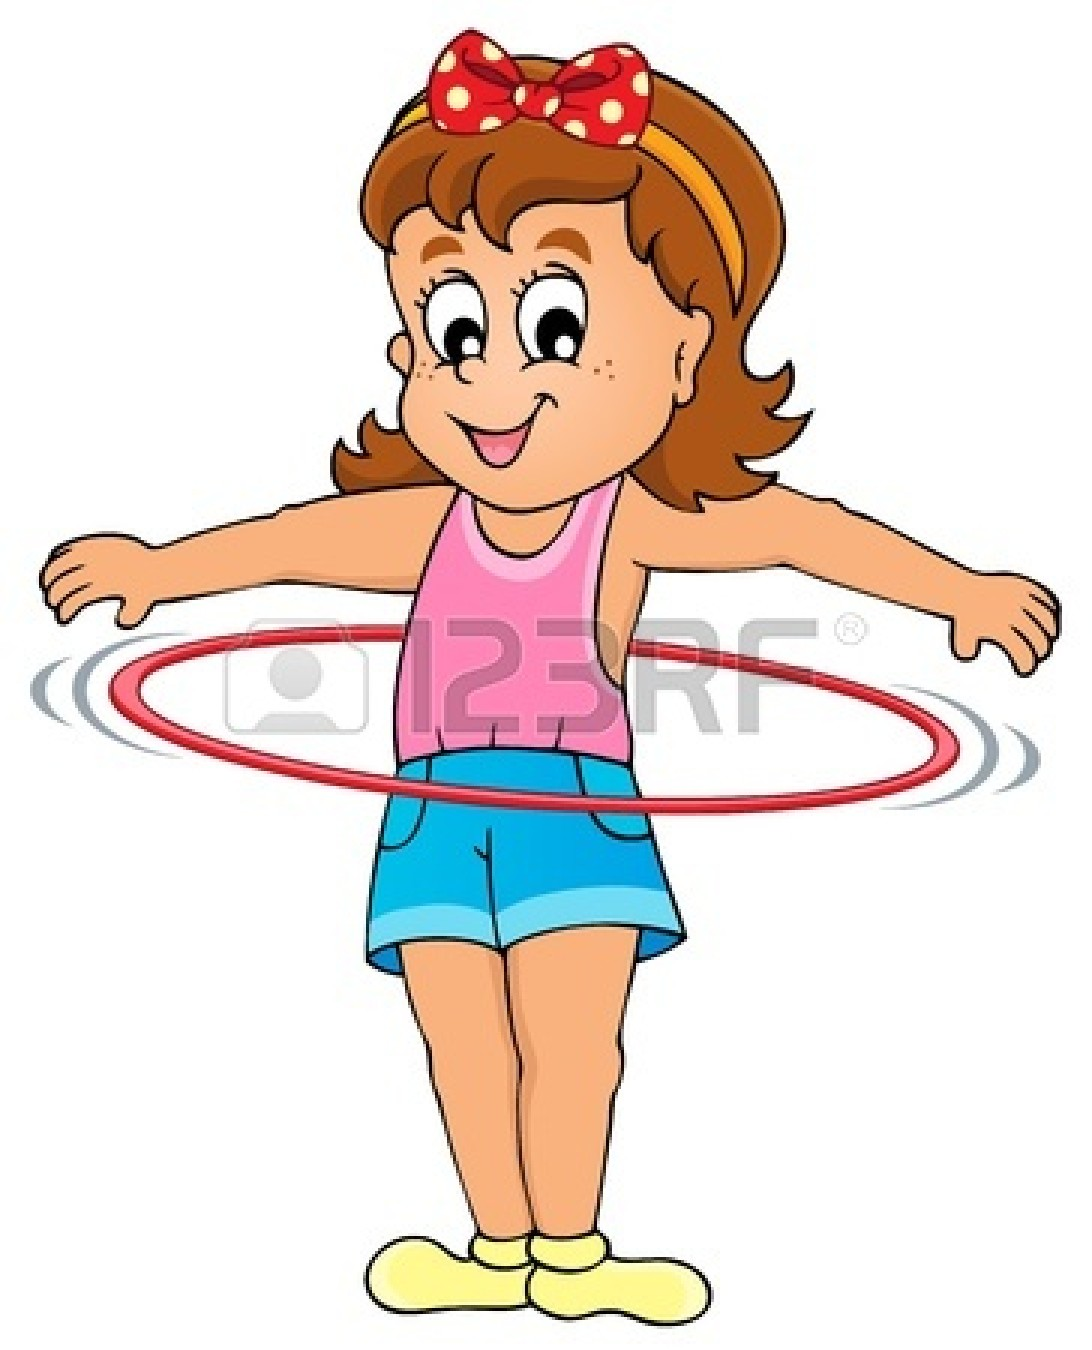 Gymnastics kids clipart clip art transparent download Gymnastics Kids Clipart   Clipart Panda - Free Clipart Images clip art transparent download